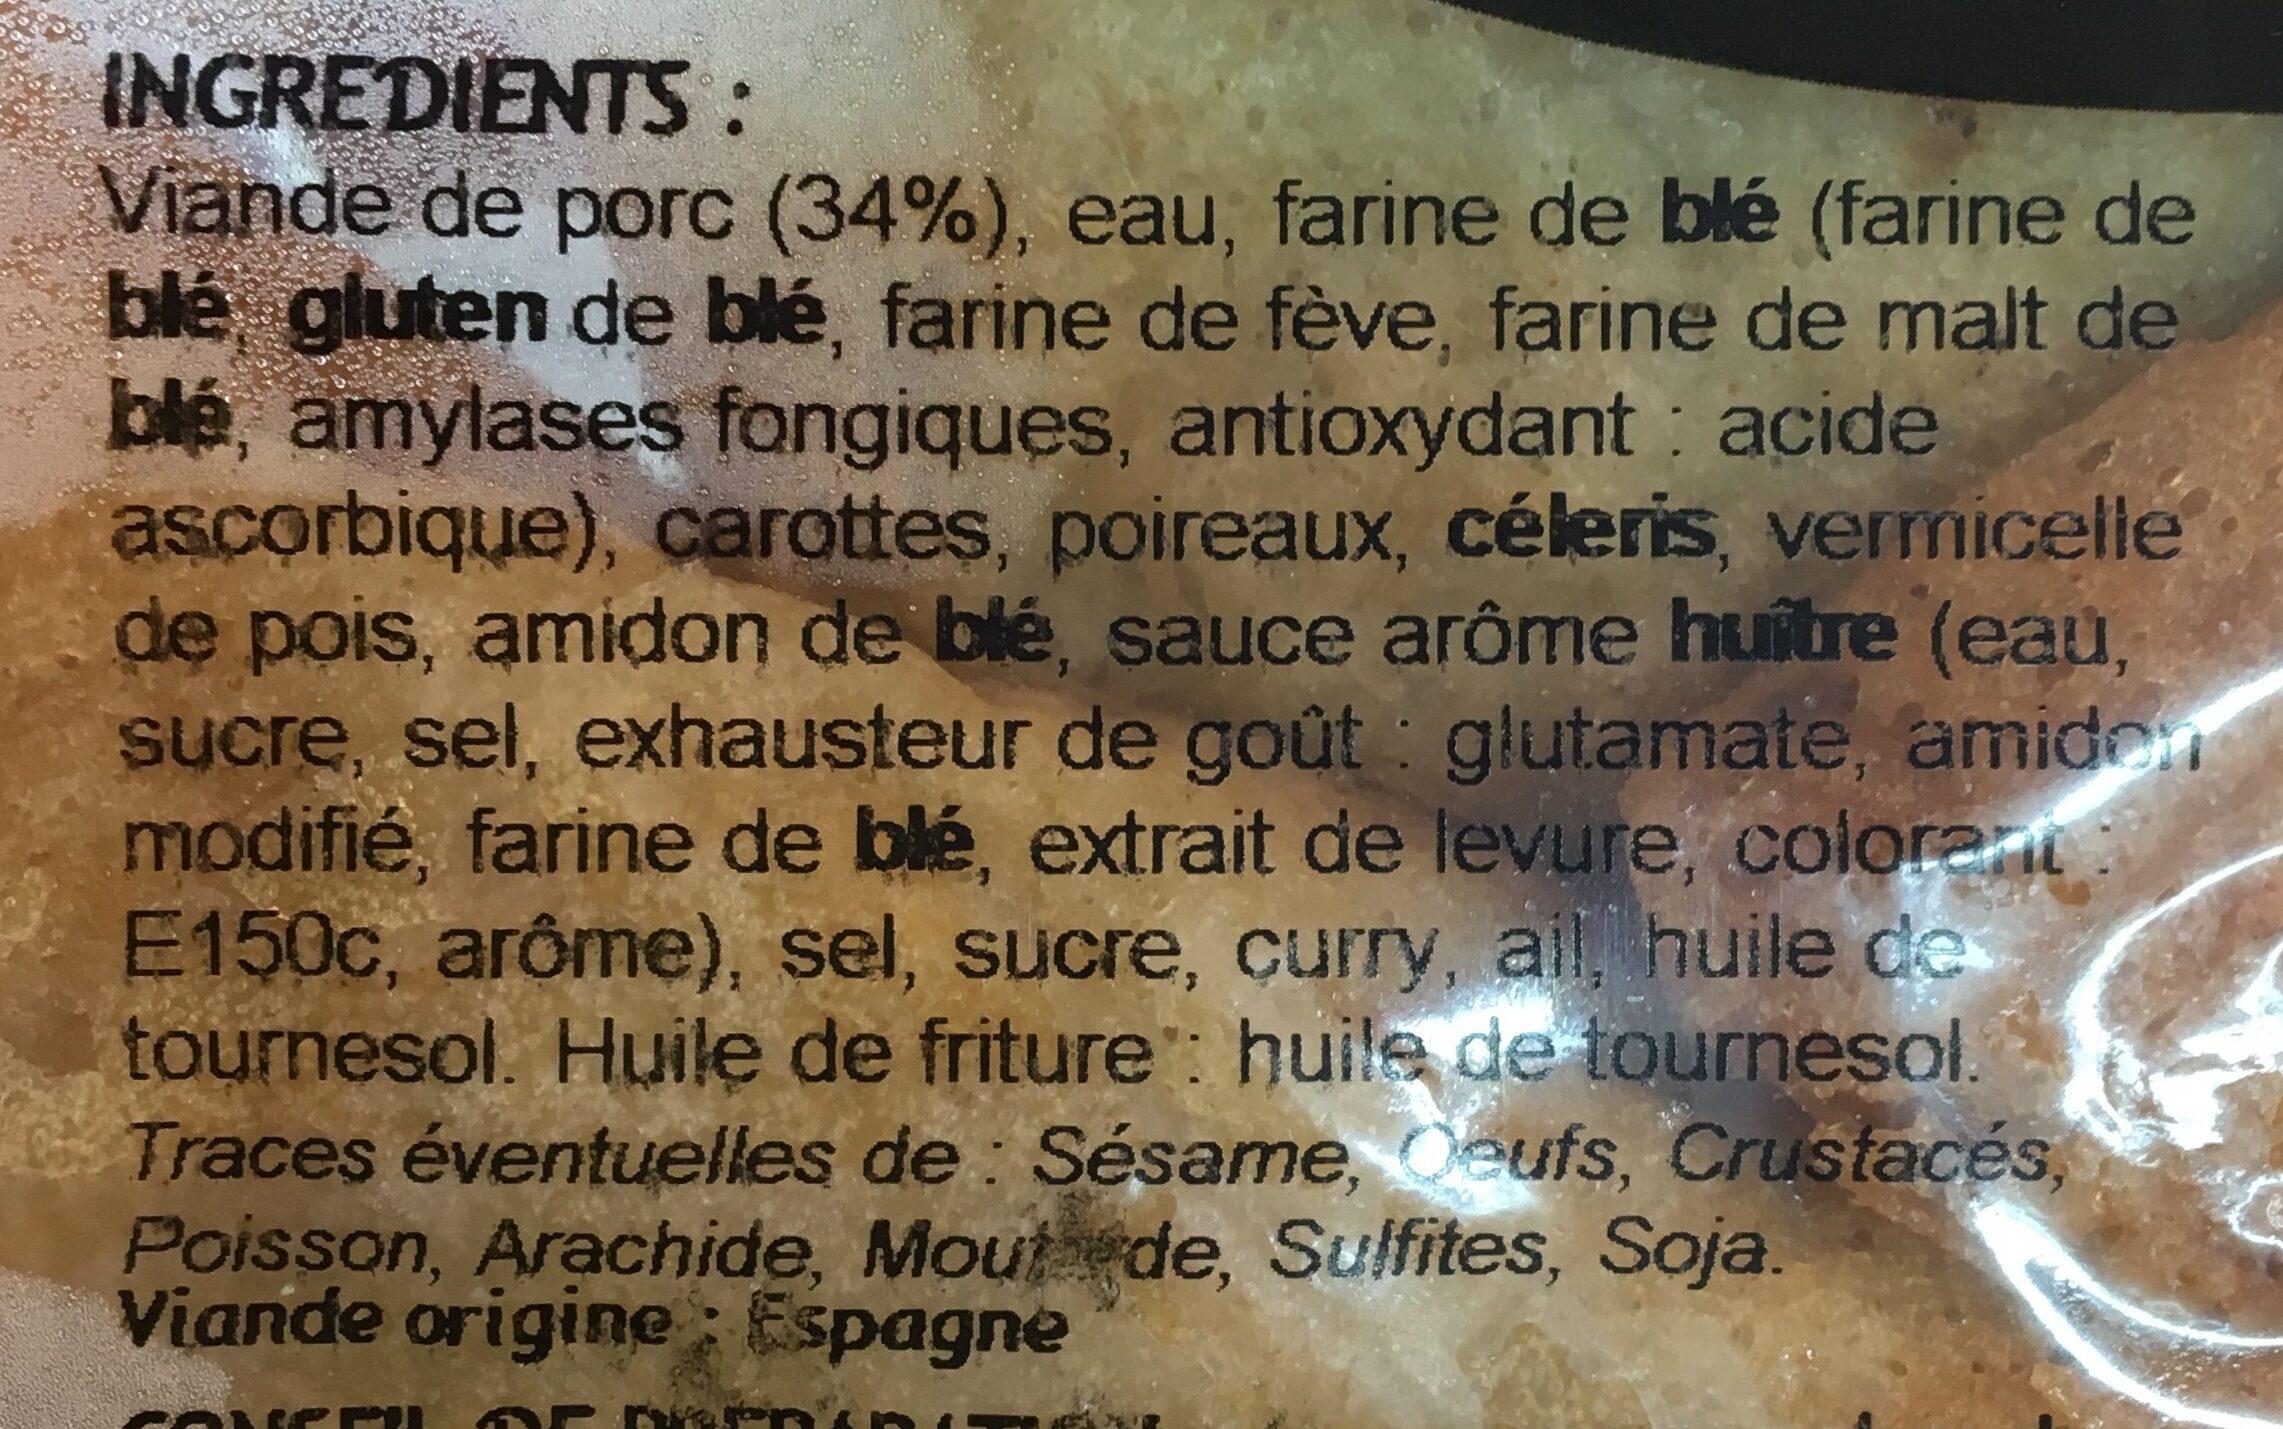 Le Cantonnais Samossas la barquette de 4 240 g - Ingrédients - fr